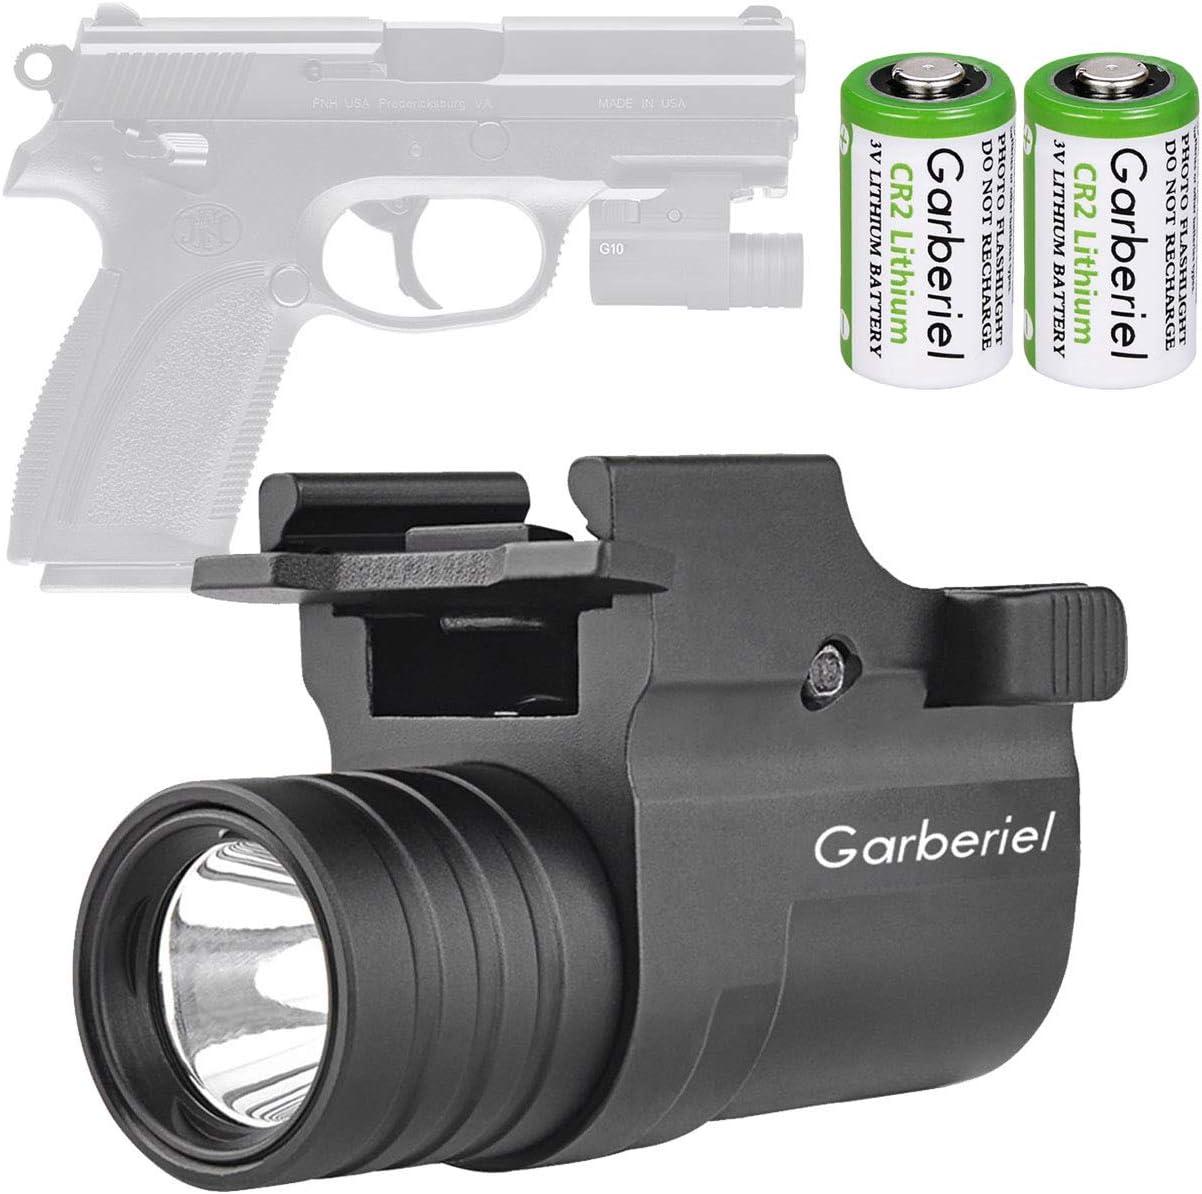 X.Store G10 LED Tactical Gun Light with Battery – 230 Lumens 2 Modes Pistol Flashlight Handgun Torch Light